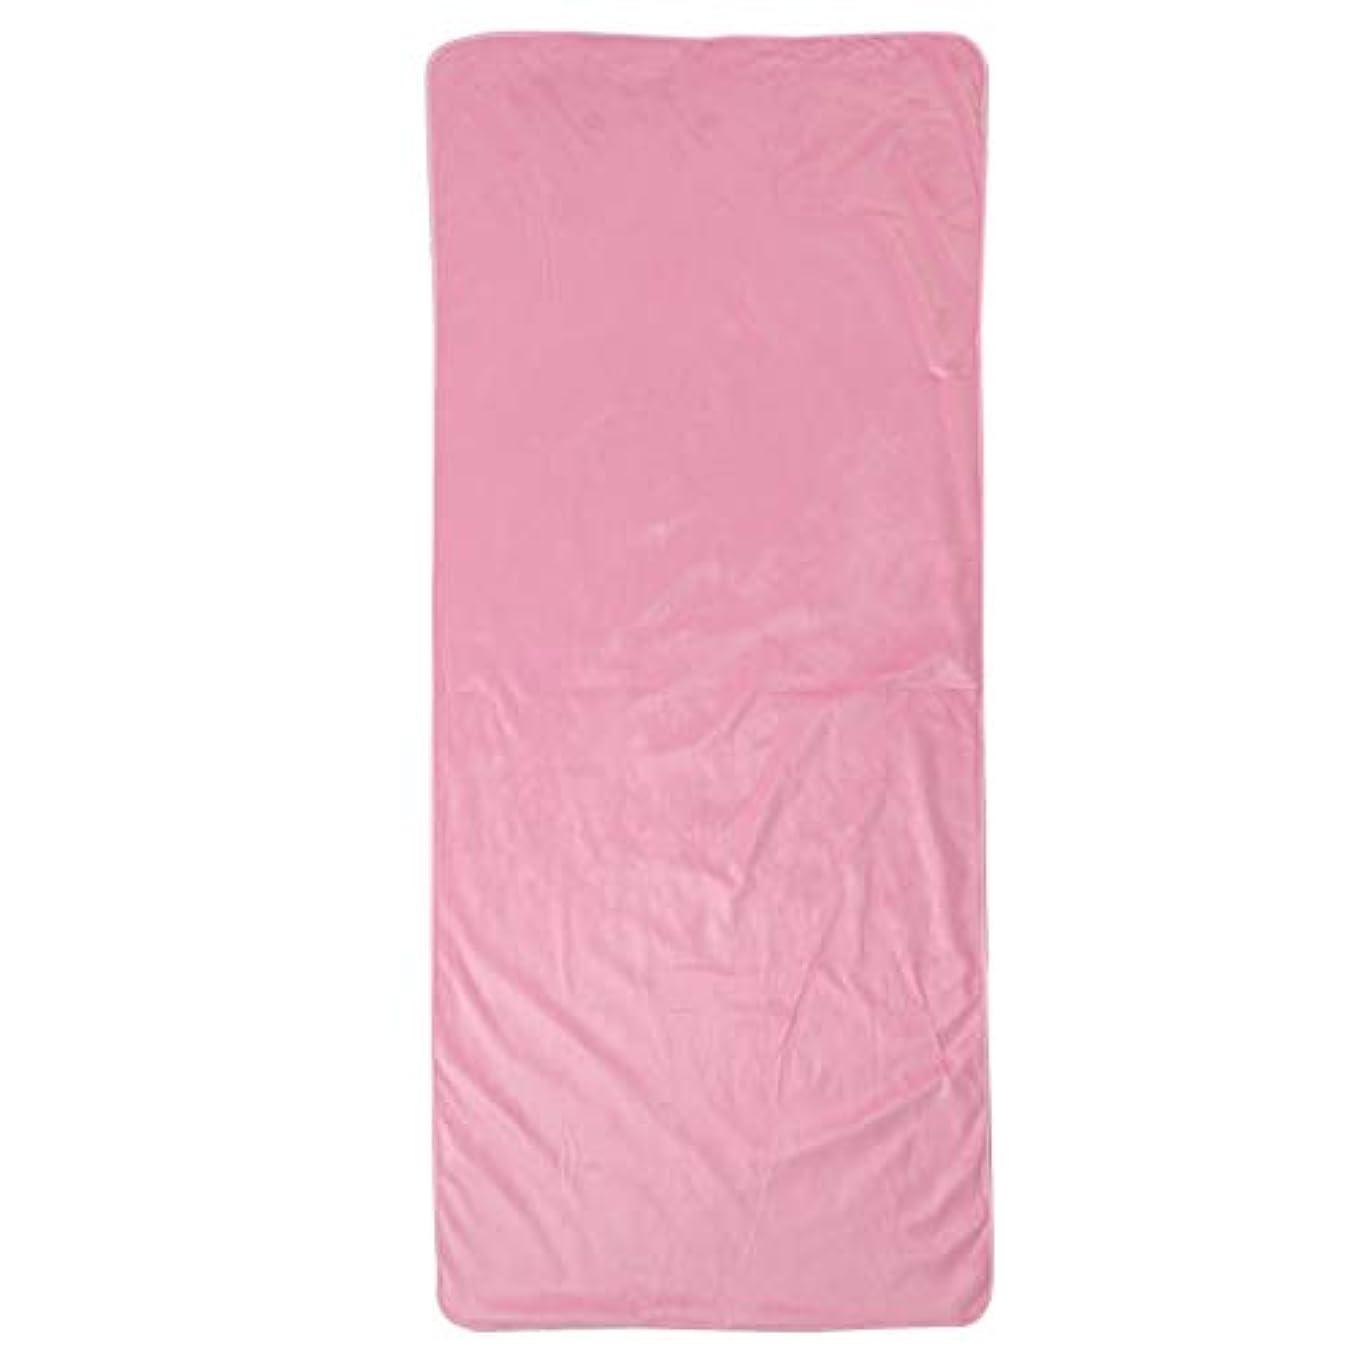 リビジョン女優請うFLAMEER マッサージベッドカバー スパ 美容ベッド エステベッドシーツ 通気性 快適